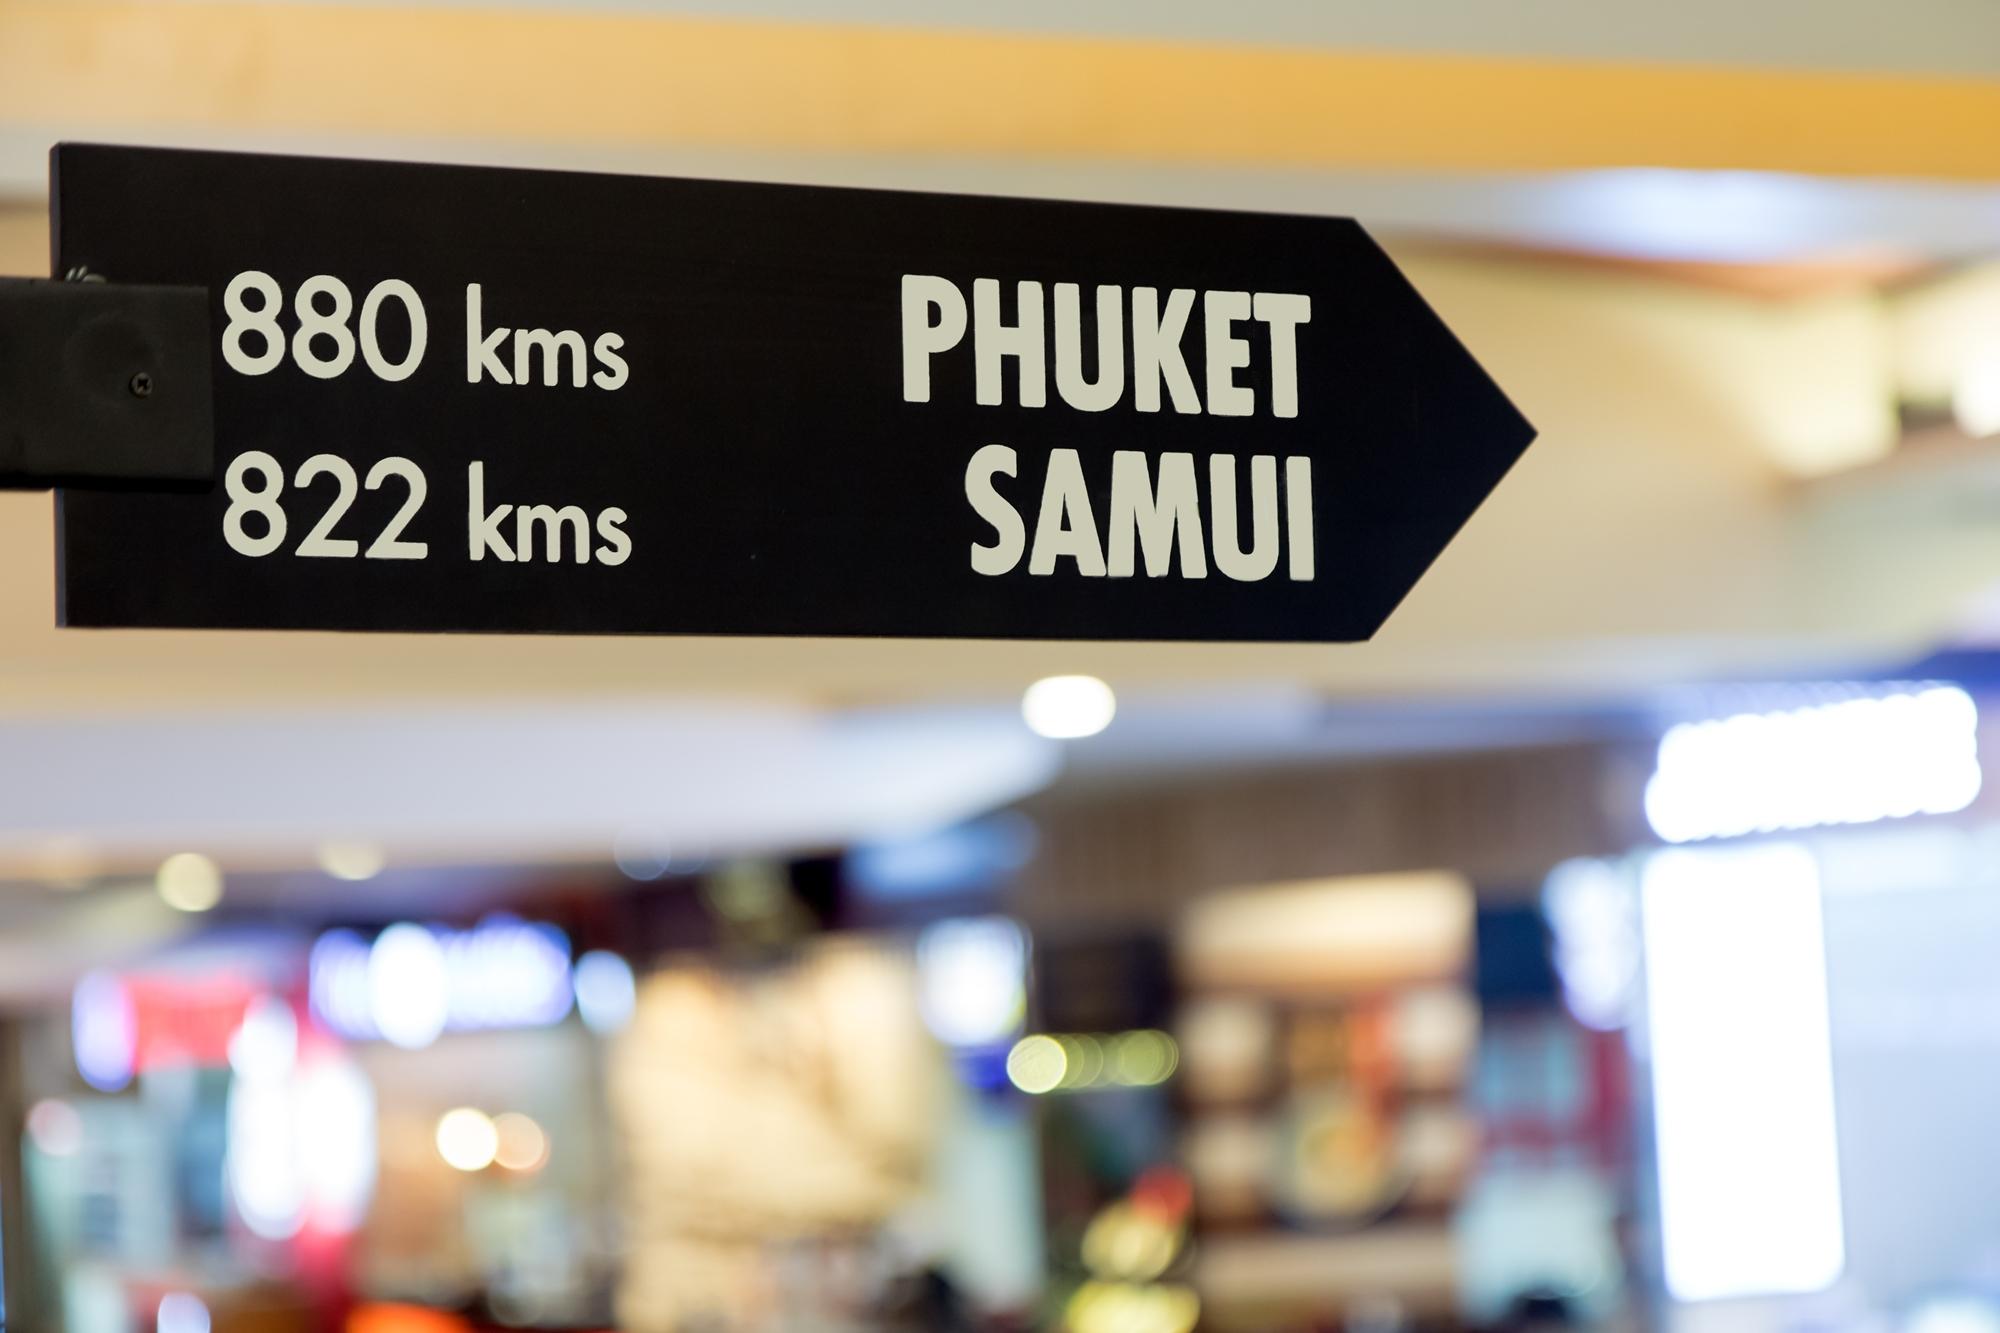 Пхукет-Самуи